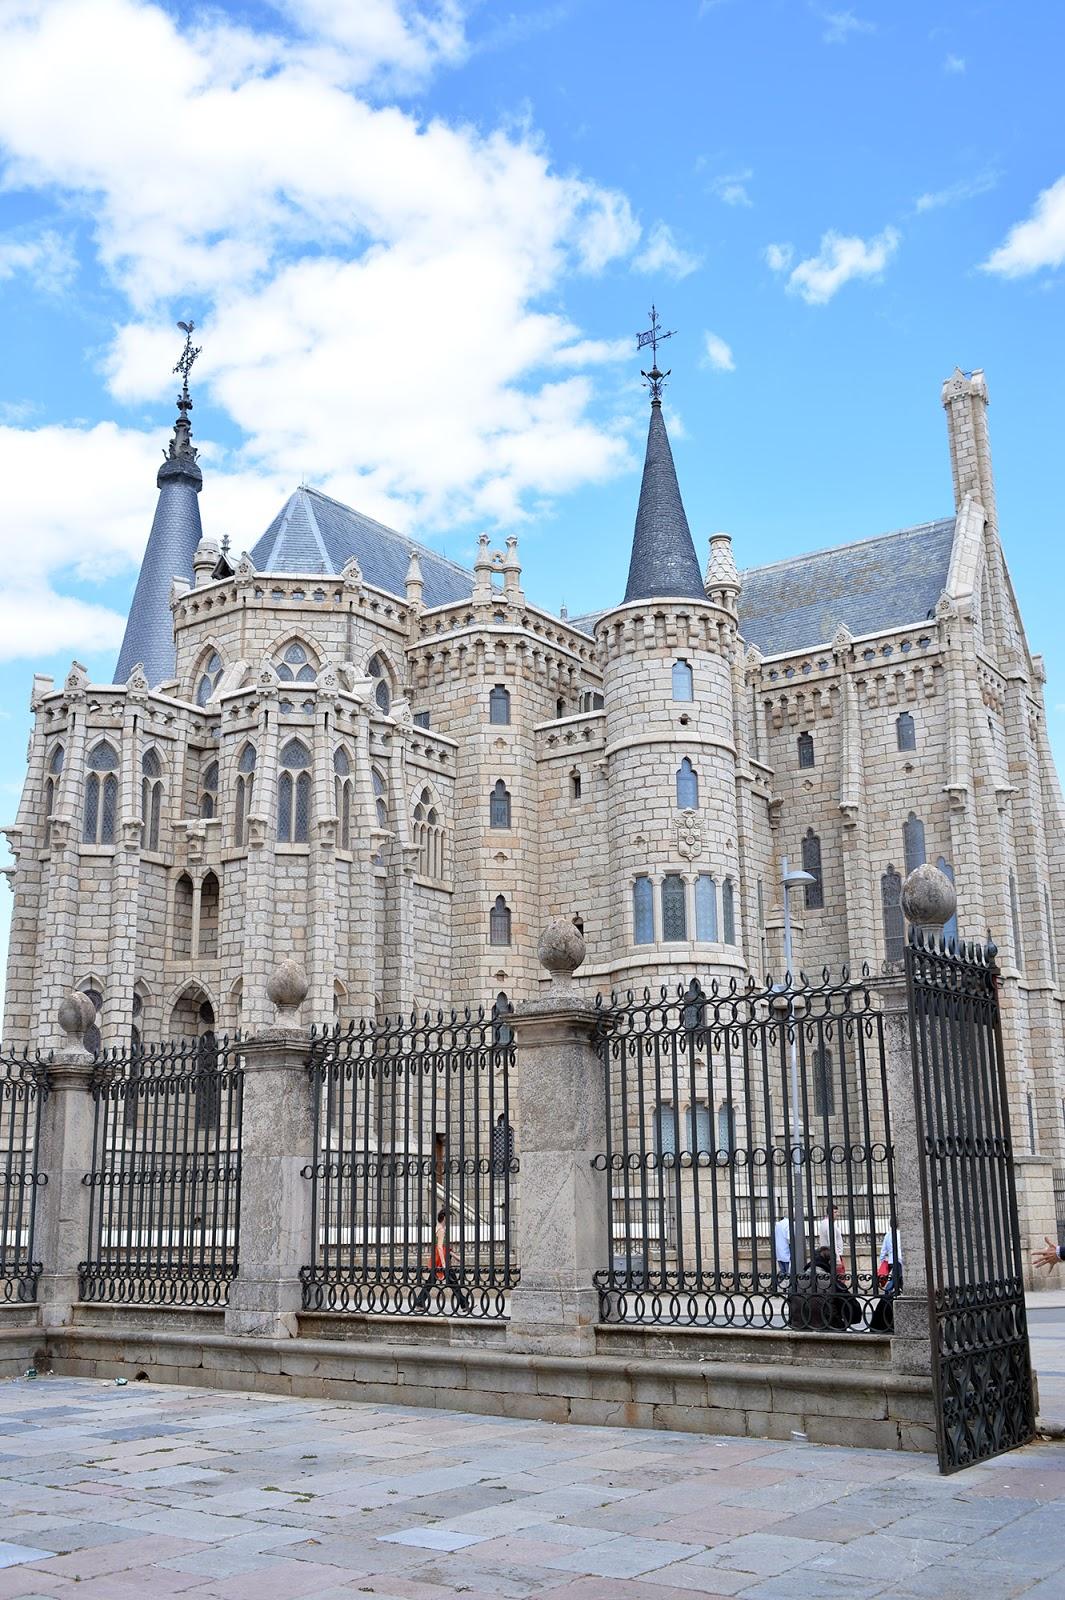 episcopal palace gaudi astorga neo-gothic architecture